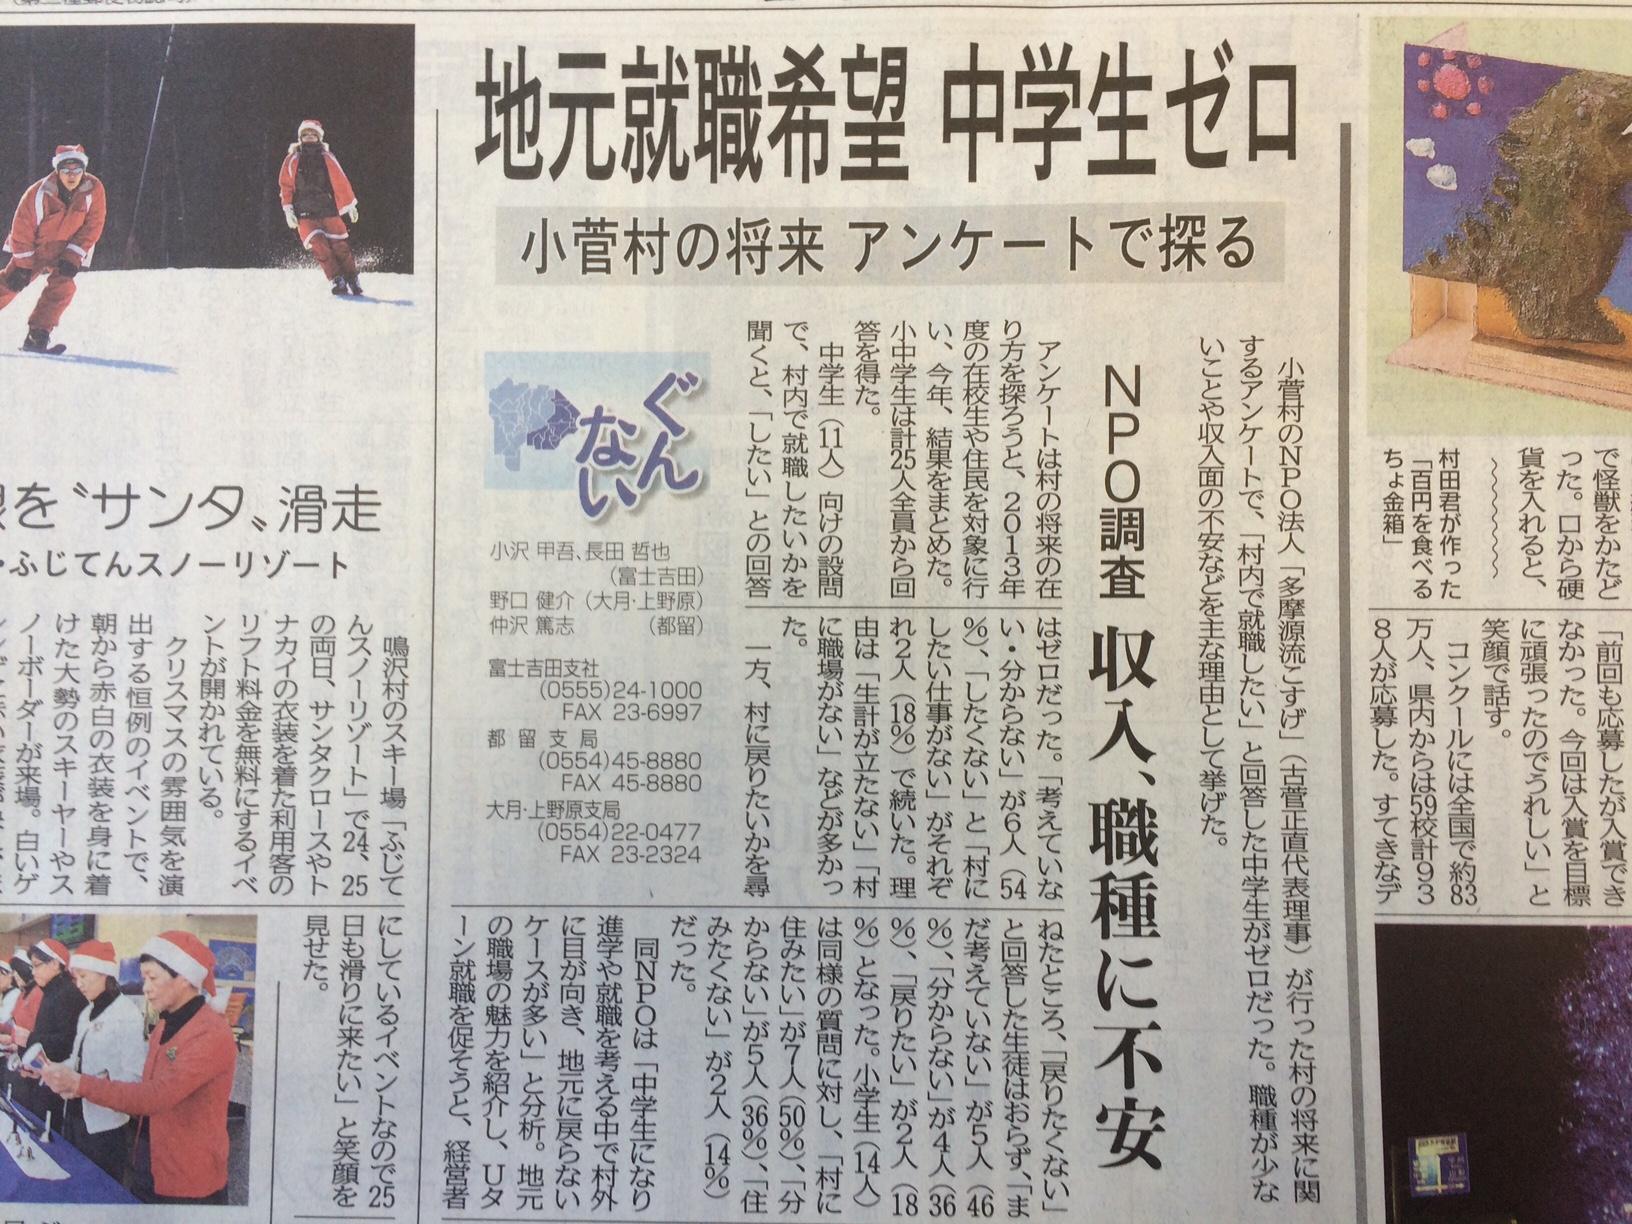 NPOの調査内容が山梨日日新聞に掲載されました